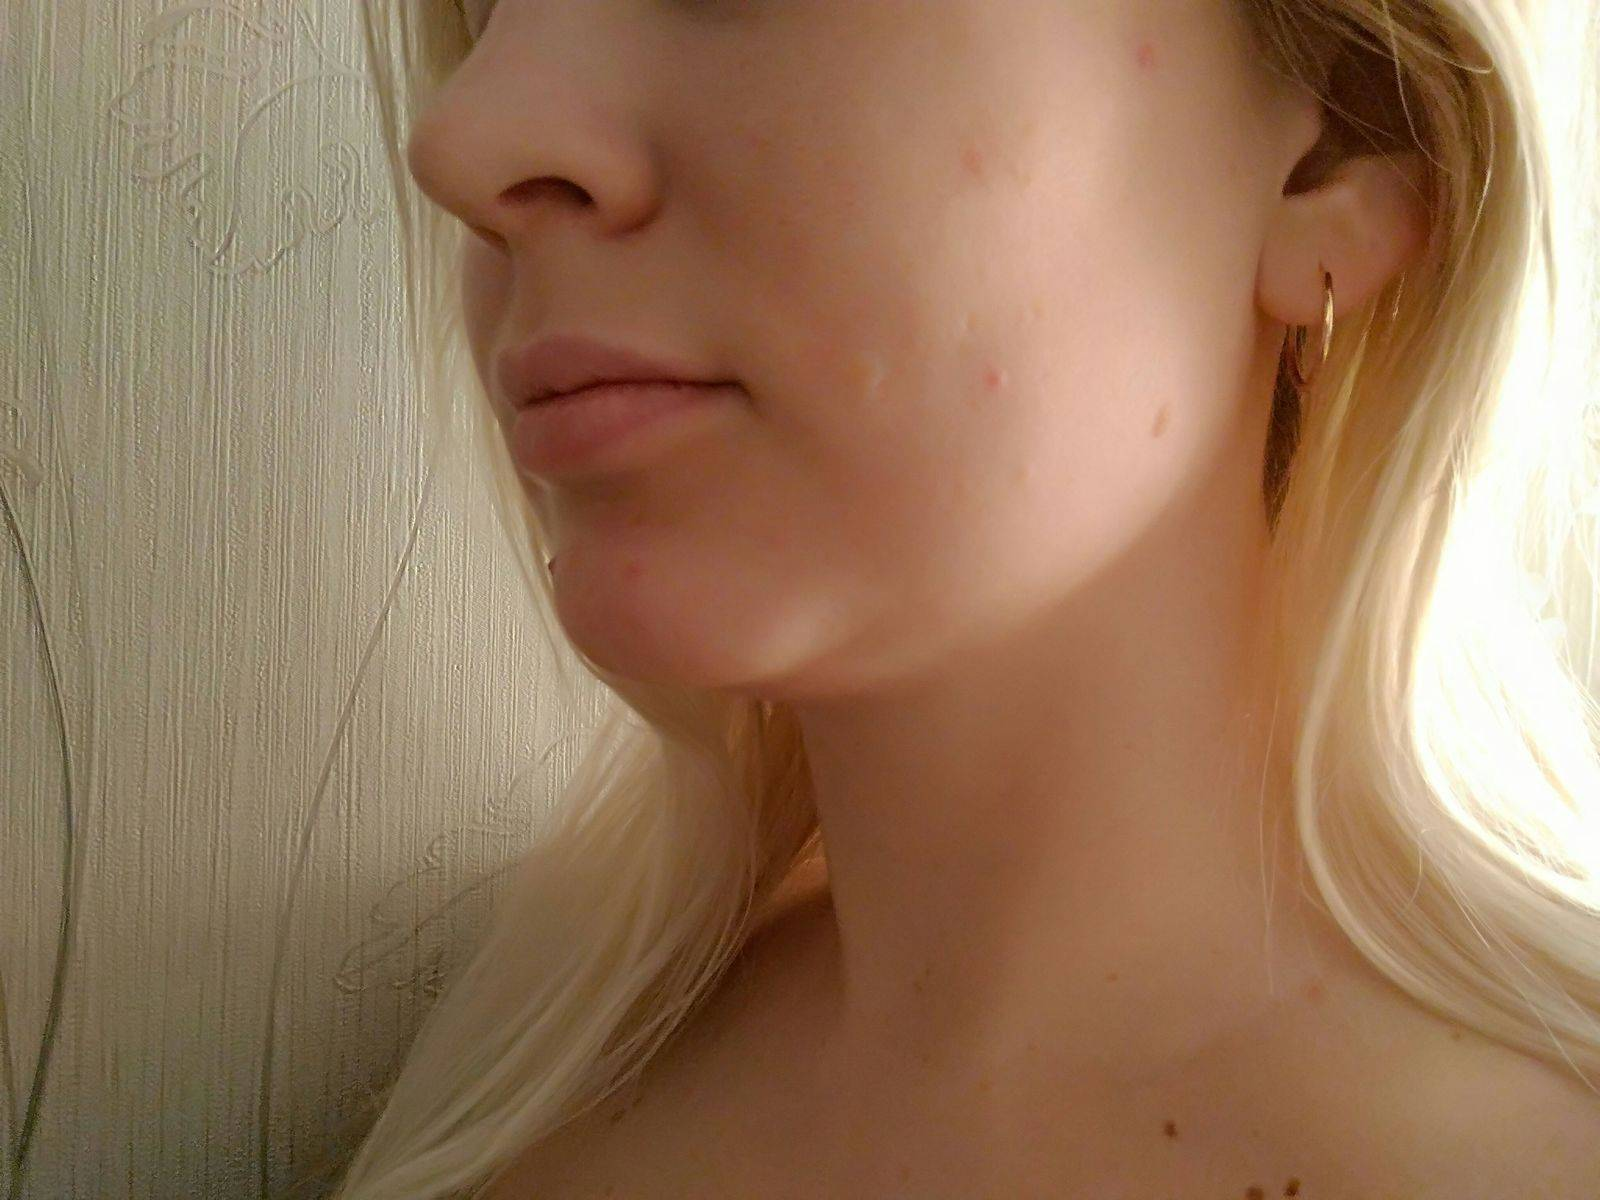 Цианоз носогубного треугольника фото